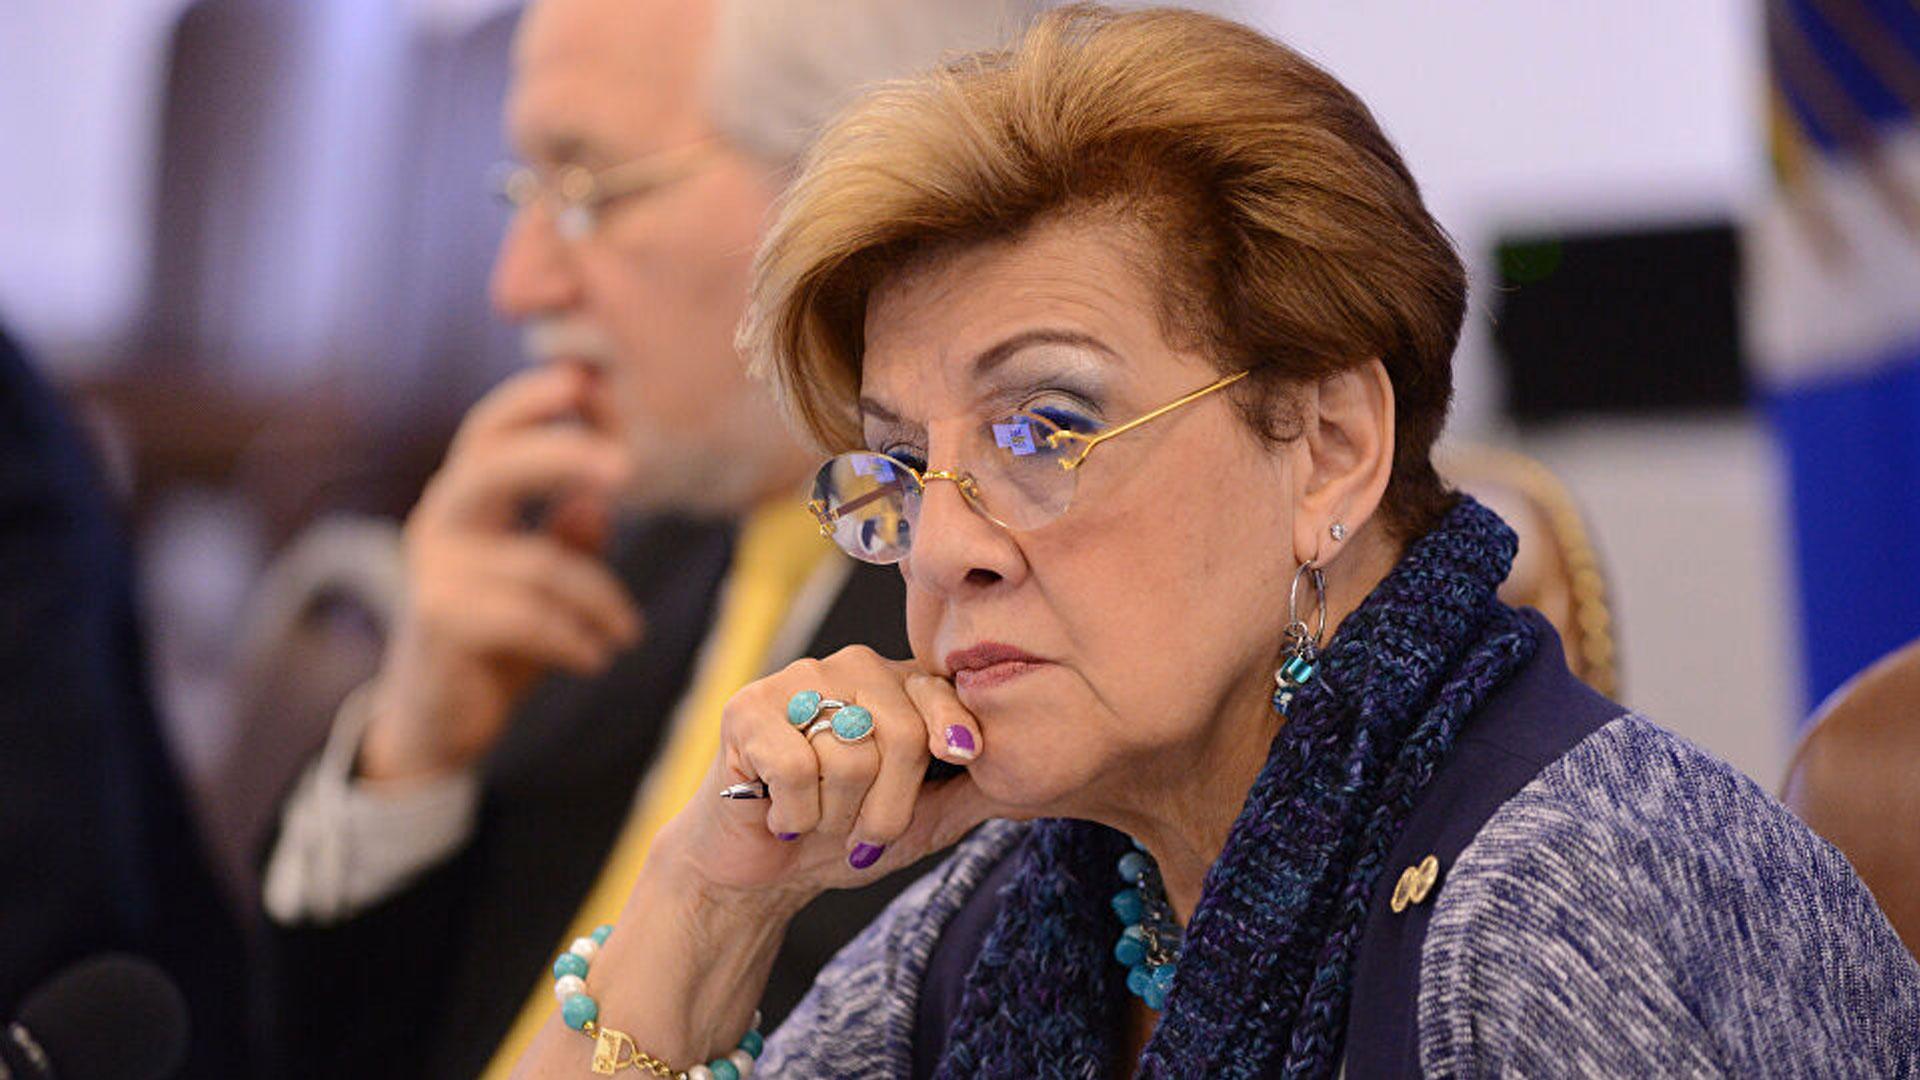 CIDH: Usaremos todos nuestros recursos para defender los DDHH en Venezuela